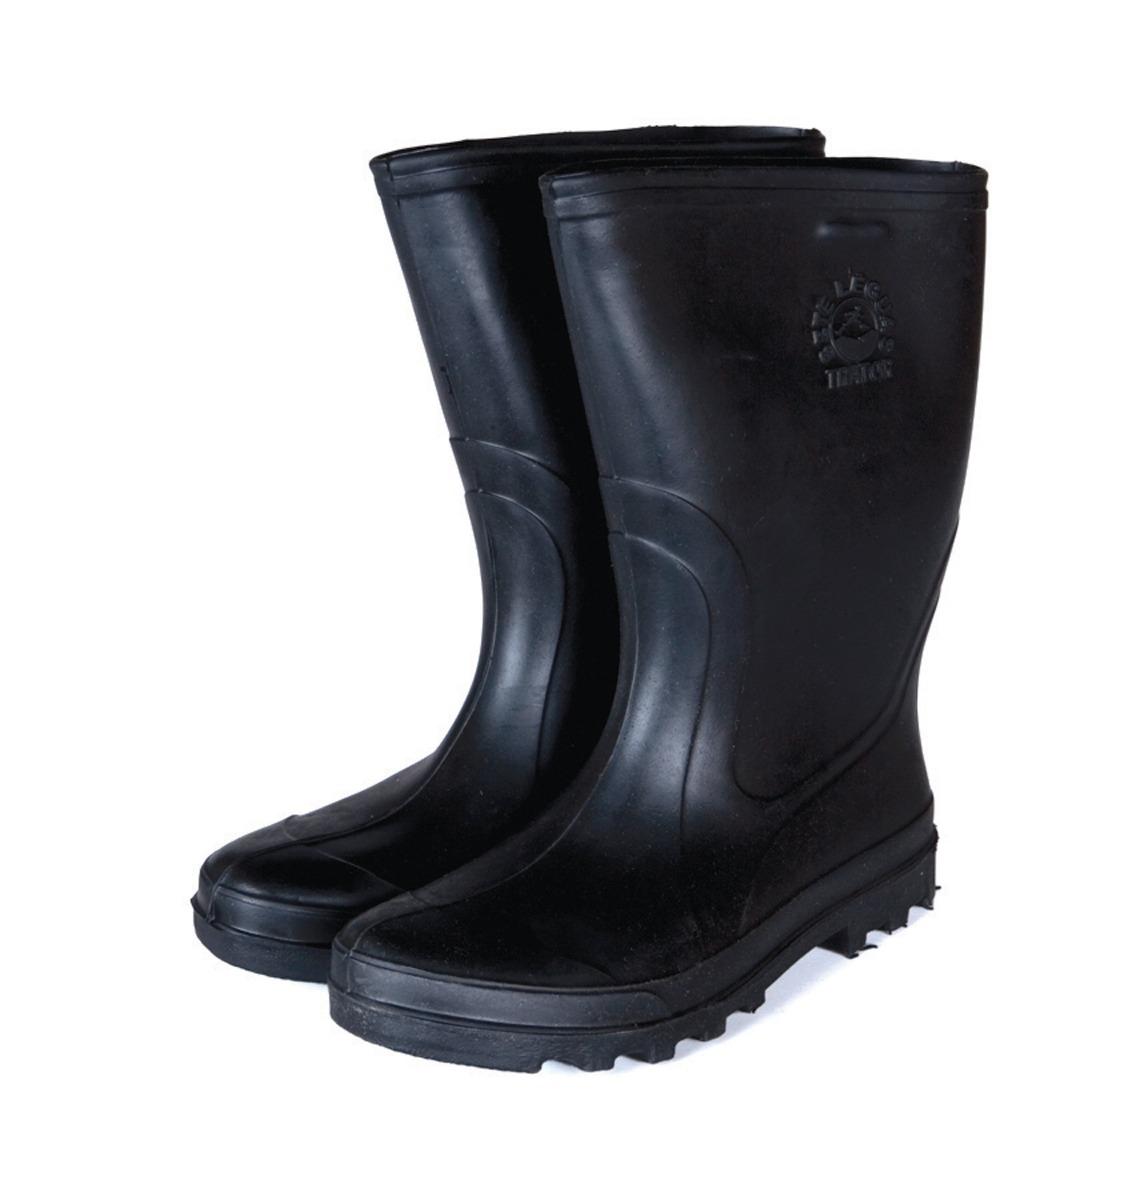 eb9fb9c0b1a bota borracha sete léguas impermeável preta c curto 3 pares. Carregando zoom .